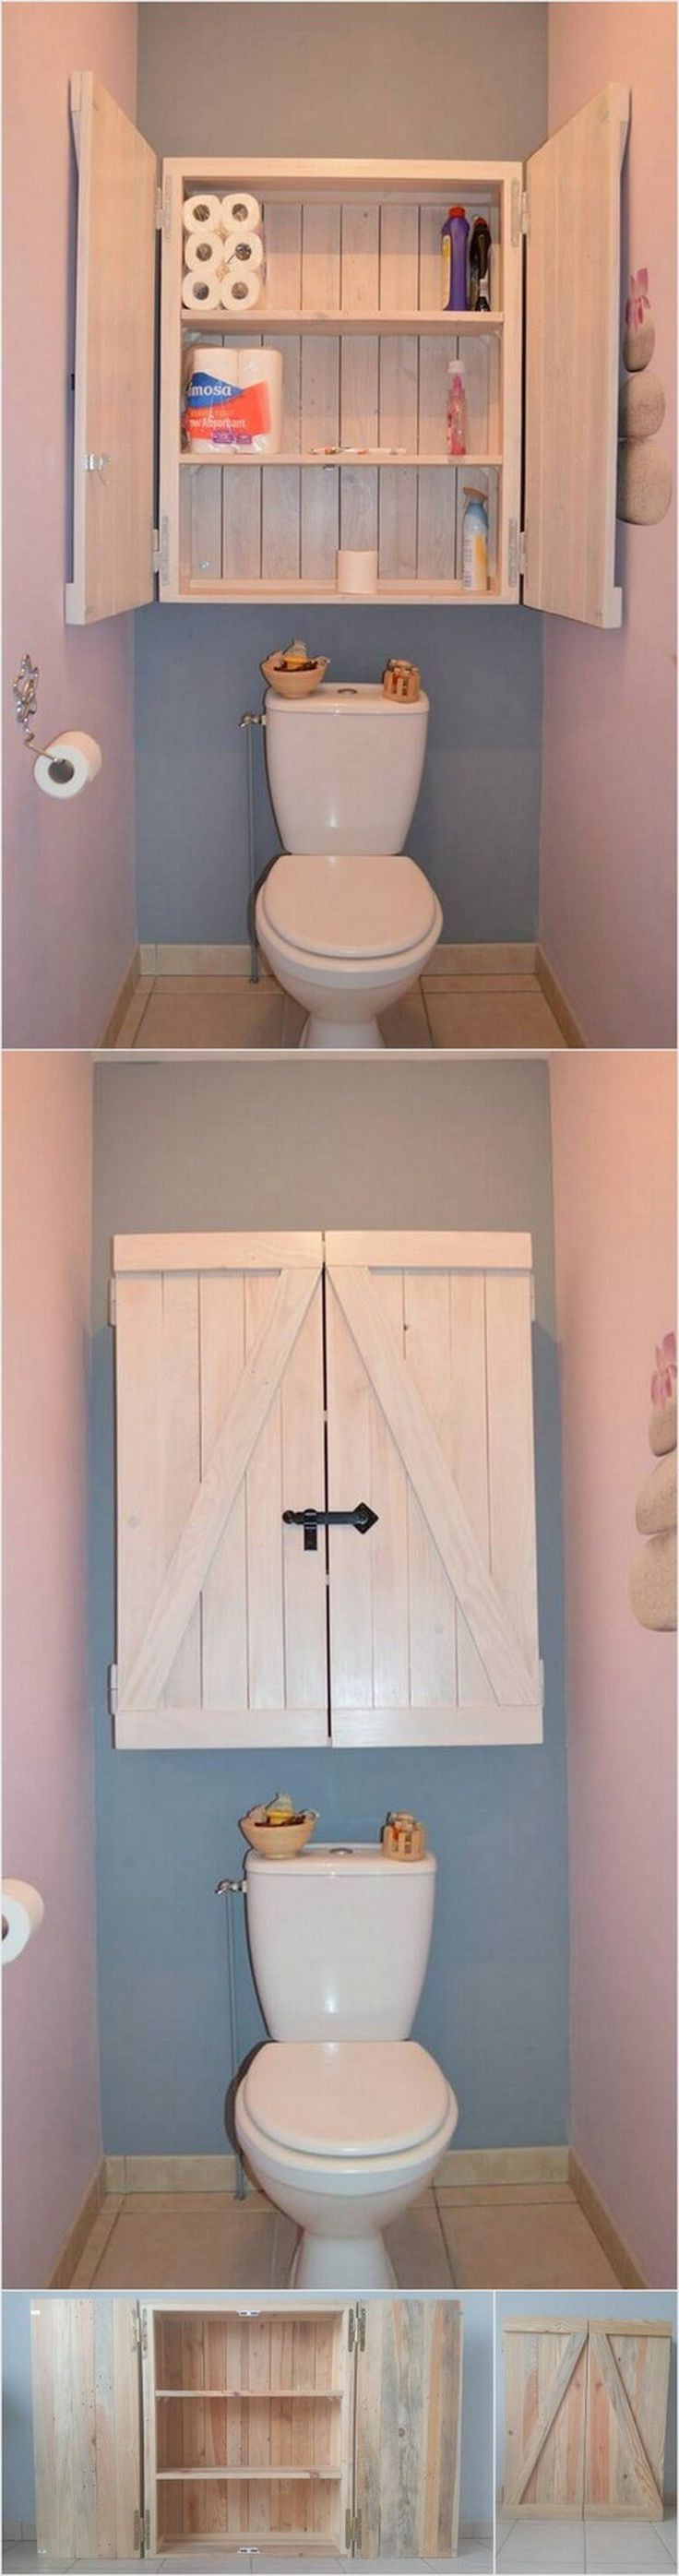 25+ beste ideeën over Art deco badkamer op Pinterest - Art deco ...